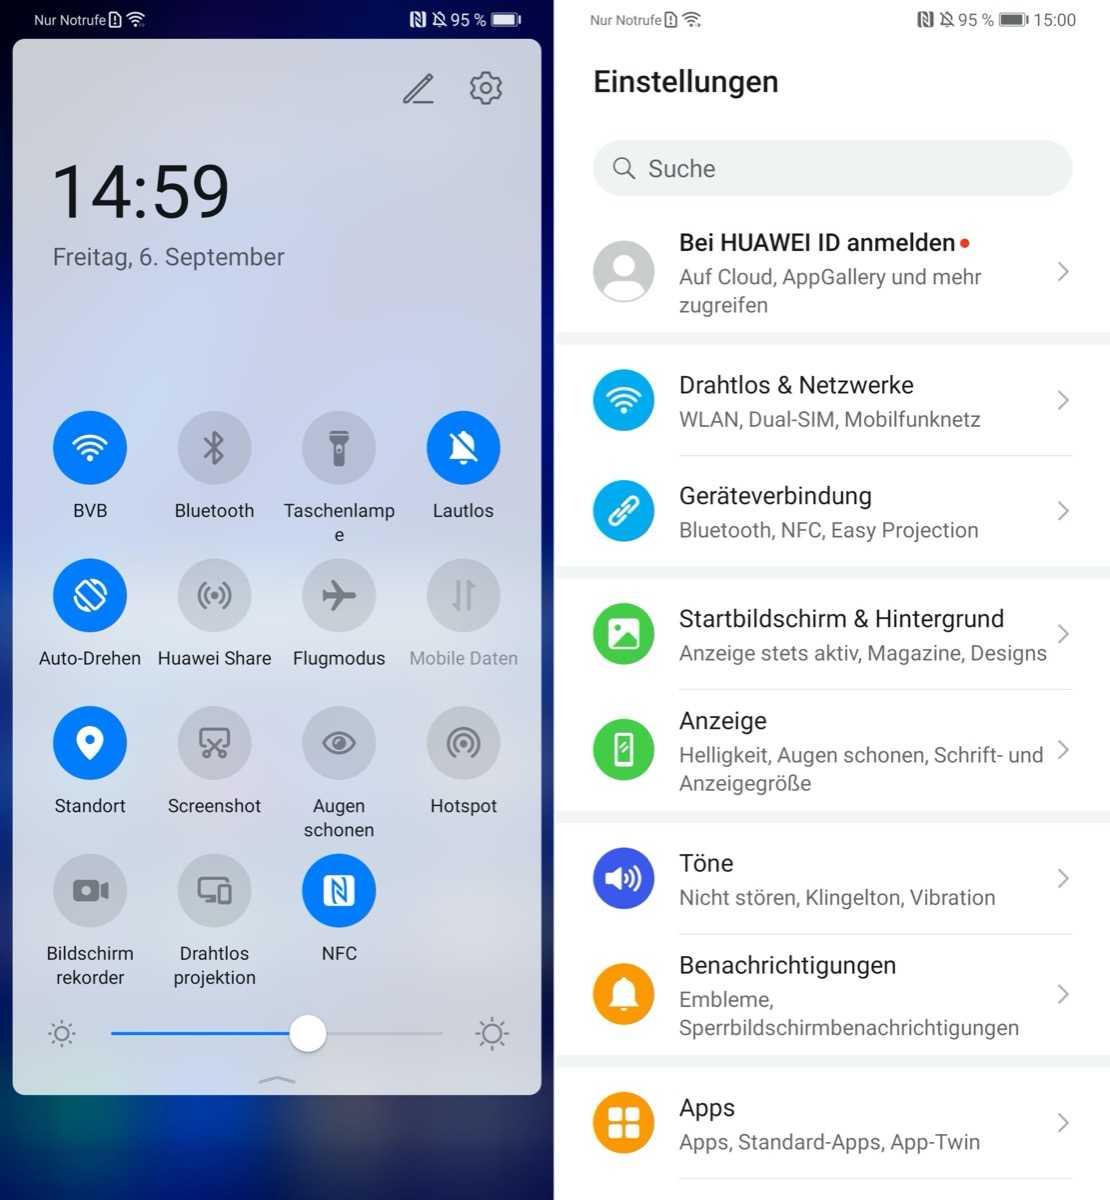 Вчера 27 апреля GSMArena распространили информации о грядущем обновлении оболочки EMUI для смартфона Huawei P30 Pro По предварительным данным в результате новый